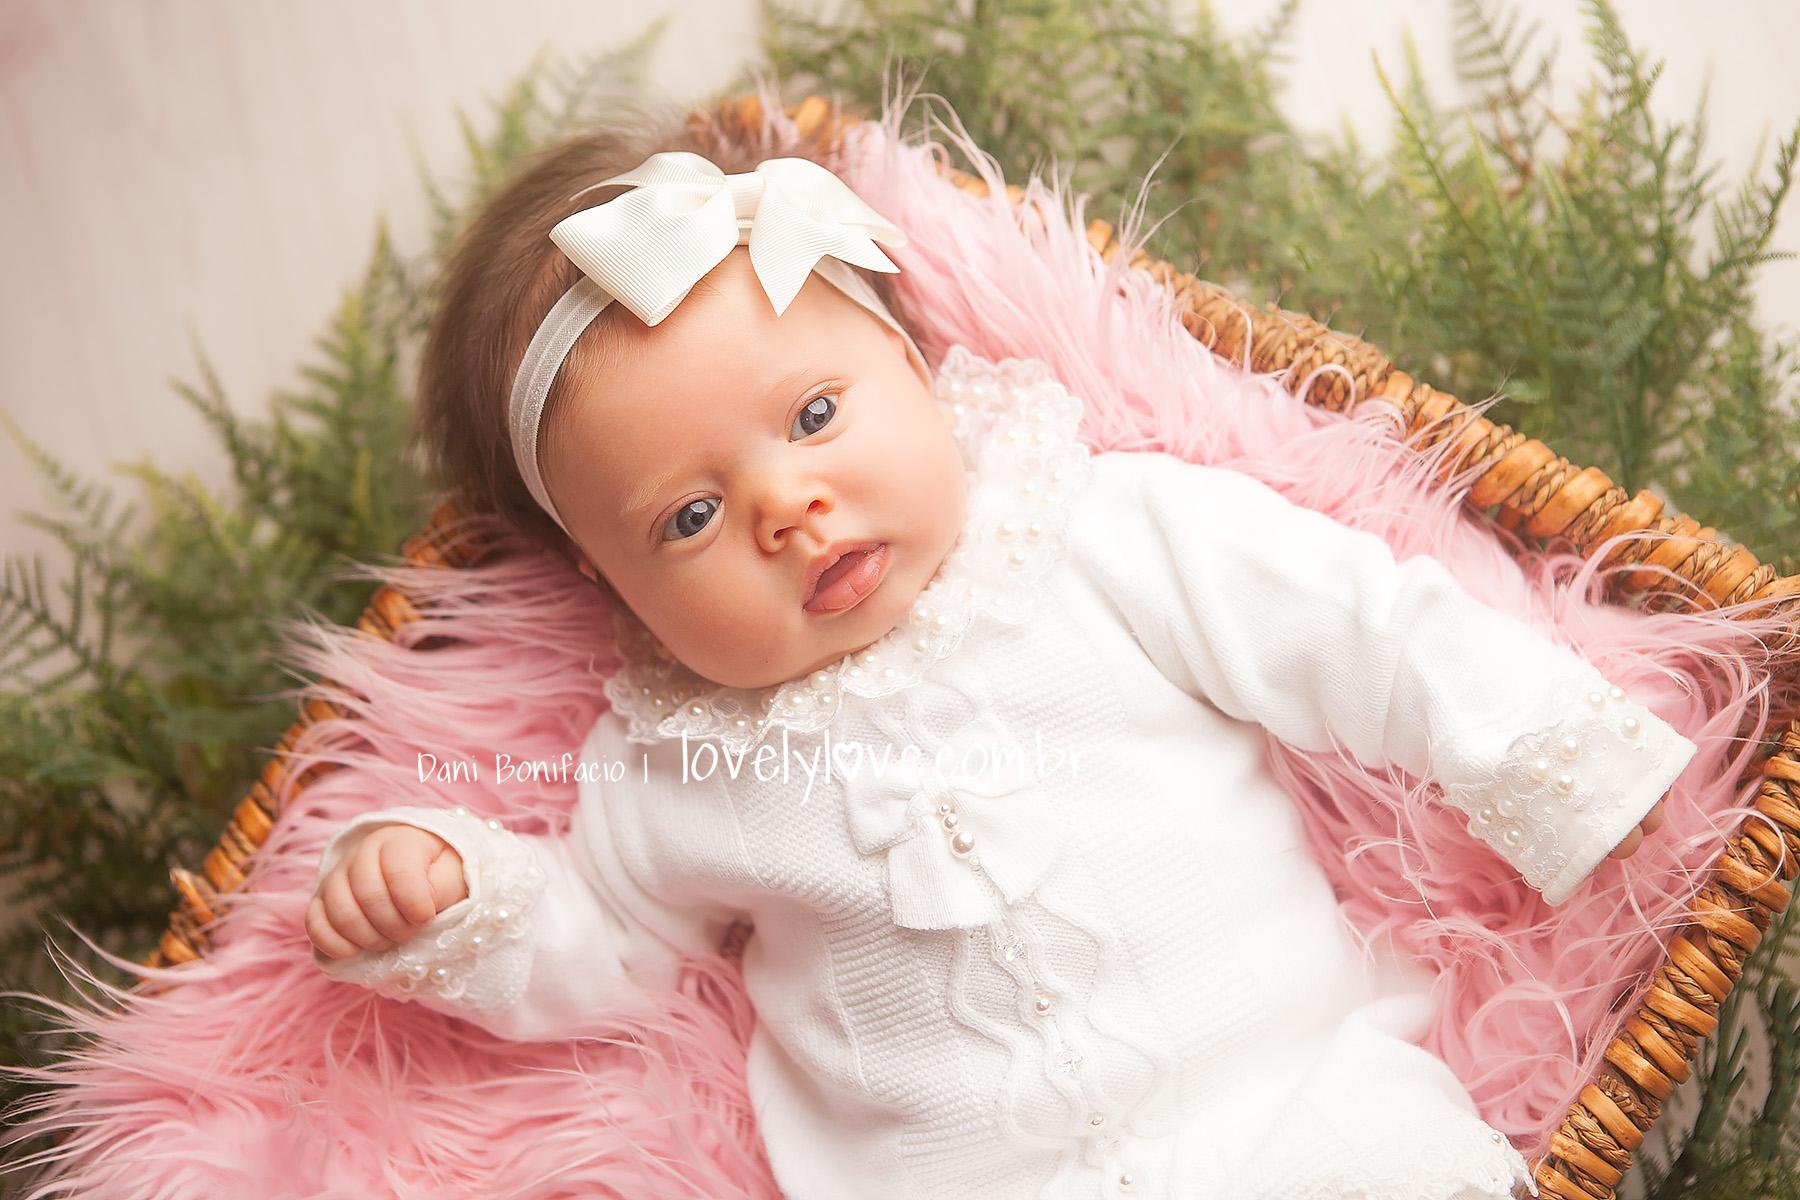 danibonifacio-lovelylove-fotografia-acomapanhamentobebe-ensaioinfantil-newborn-fotografadefamilia-gravida-gestante